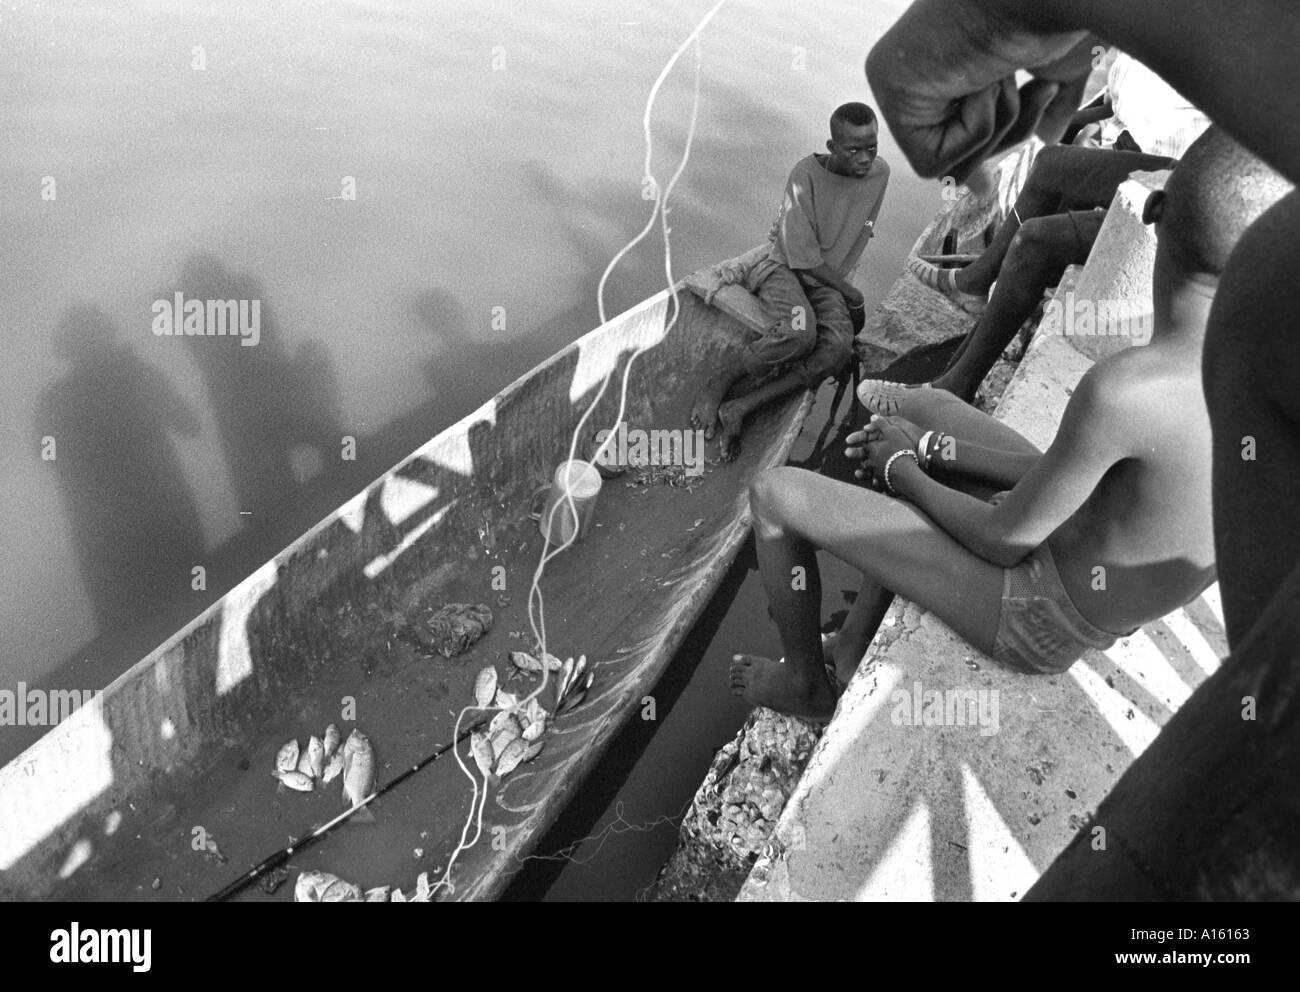 I pescatori senegalesi portare nei giorni del raccolto in una perigue nella Casamance regione del Senegal. Africa occidentale ha subito Immagini Stock